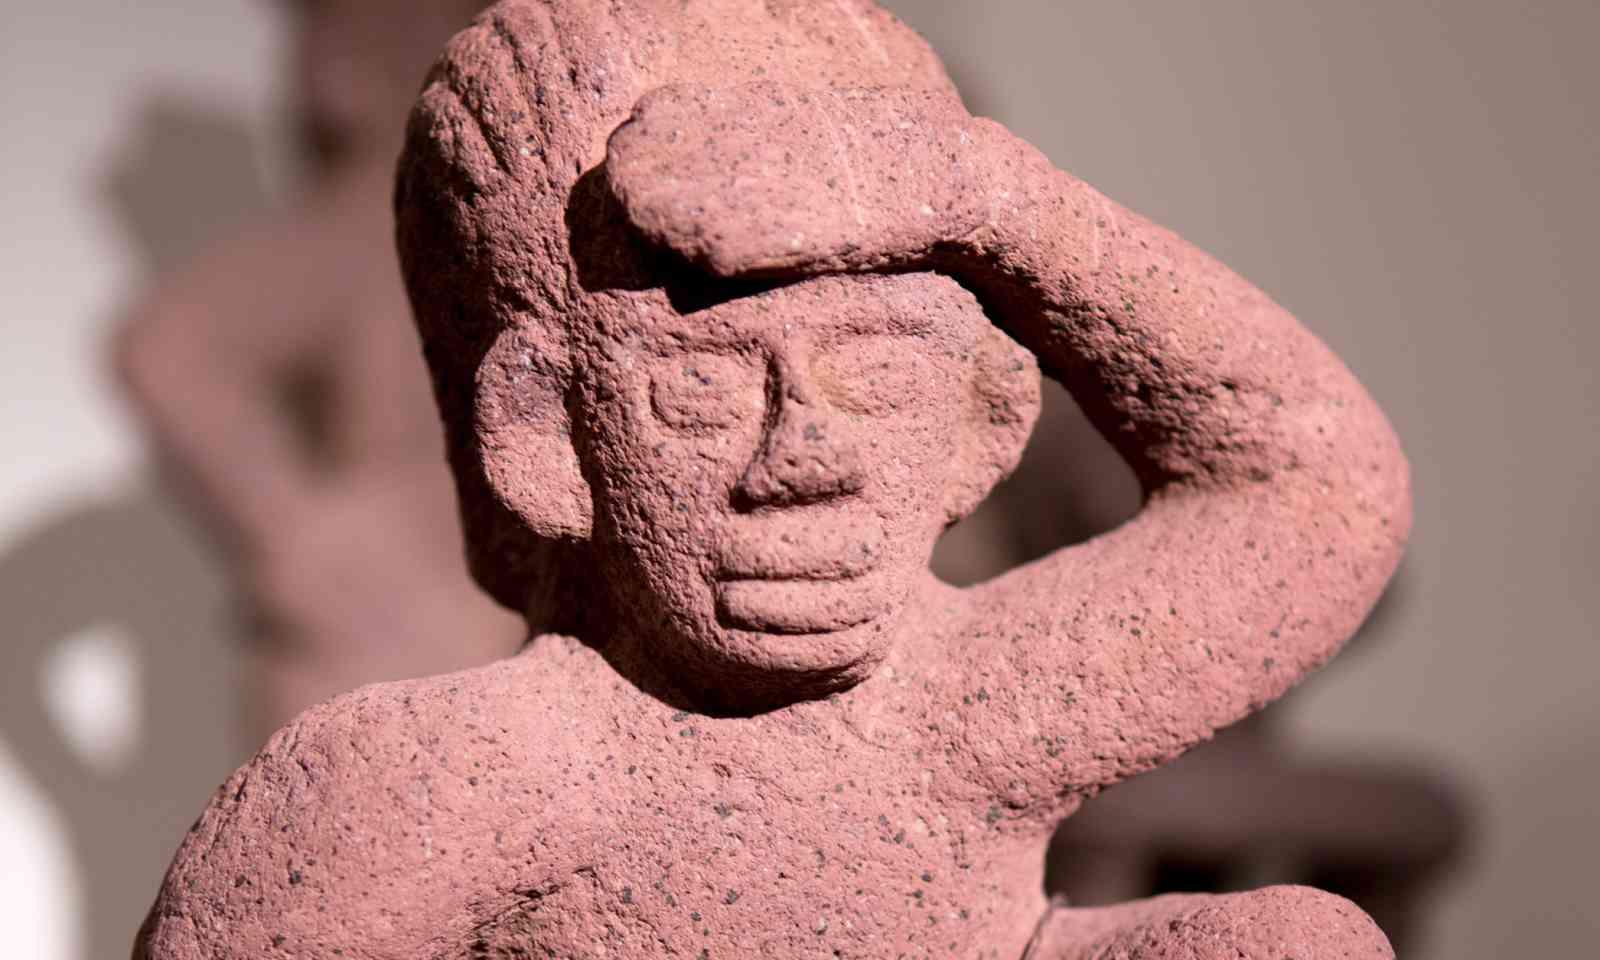 Mayan sculpture found in Costa Rica (Dreamstime)